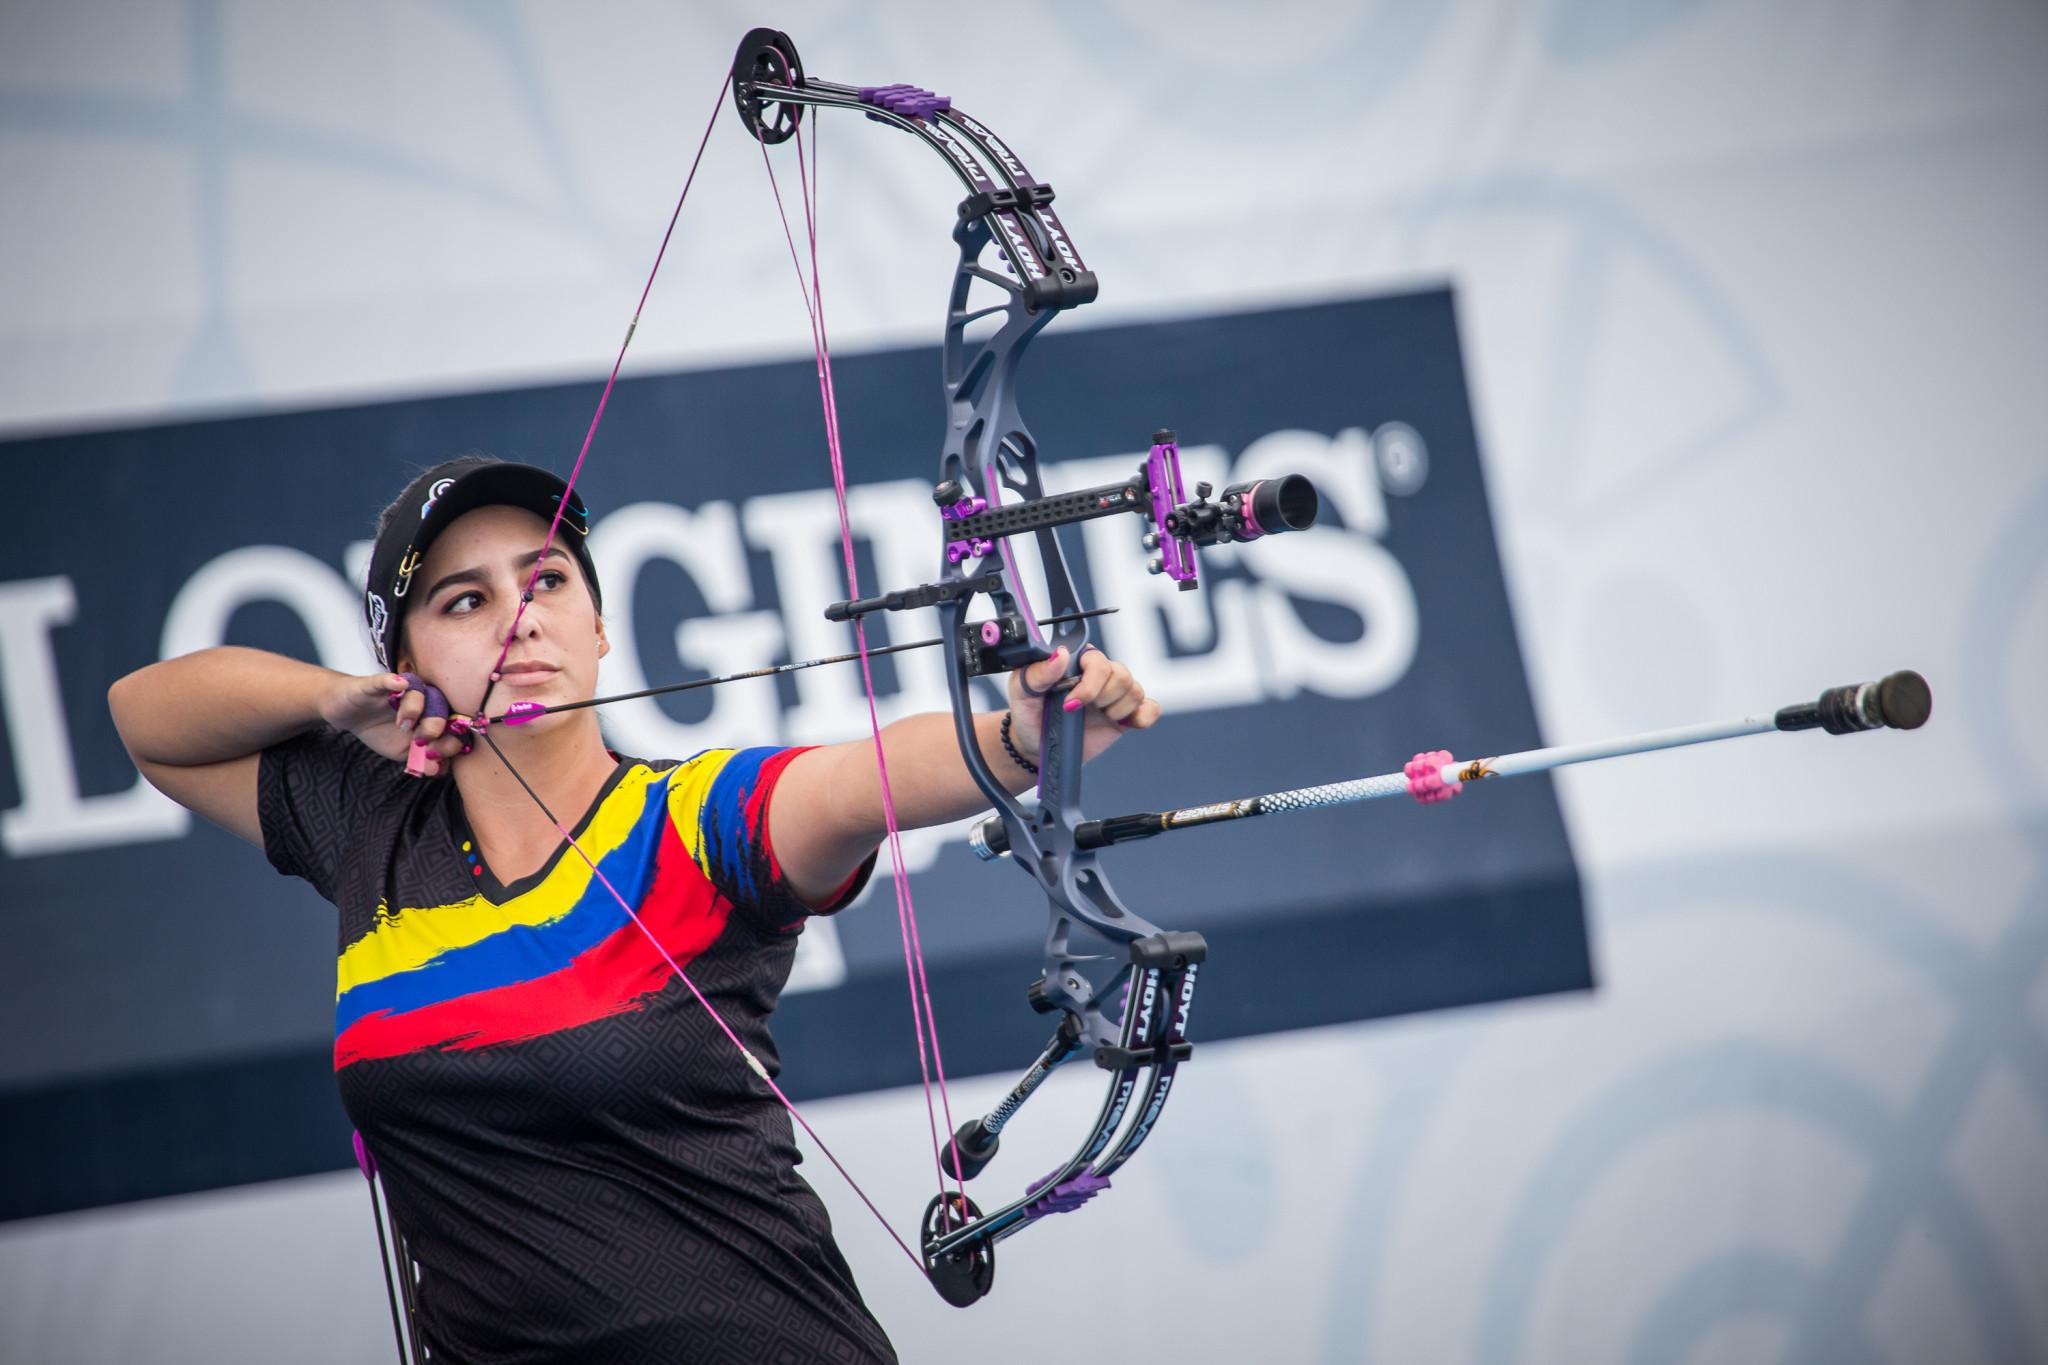 La colombiana Sara López vuelve a defender su título en el Mundial © Getty Images